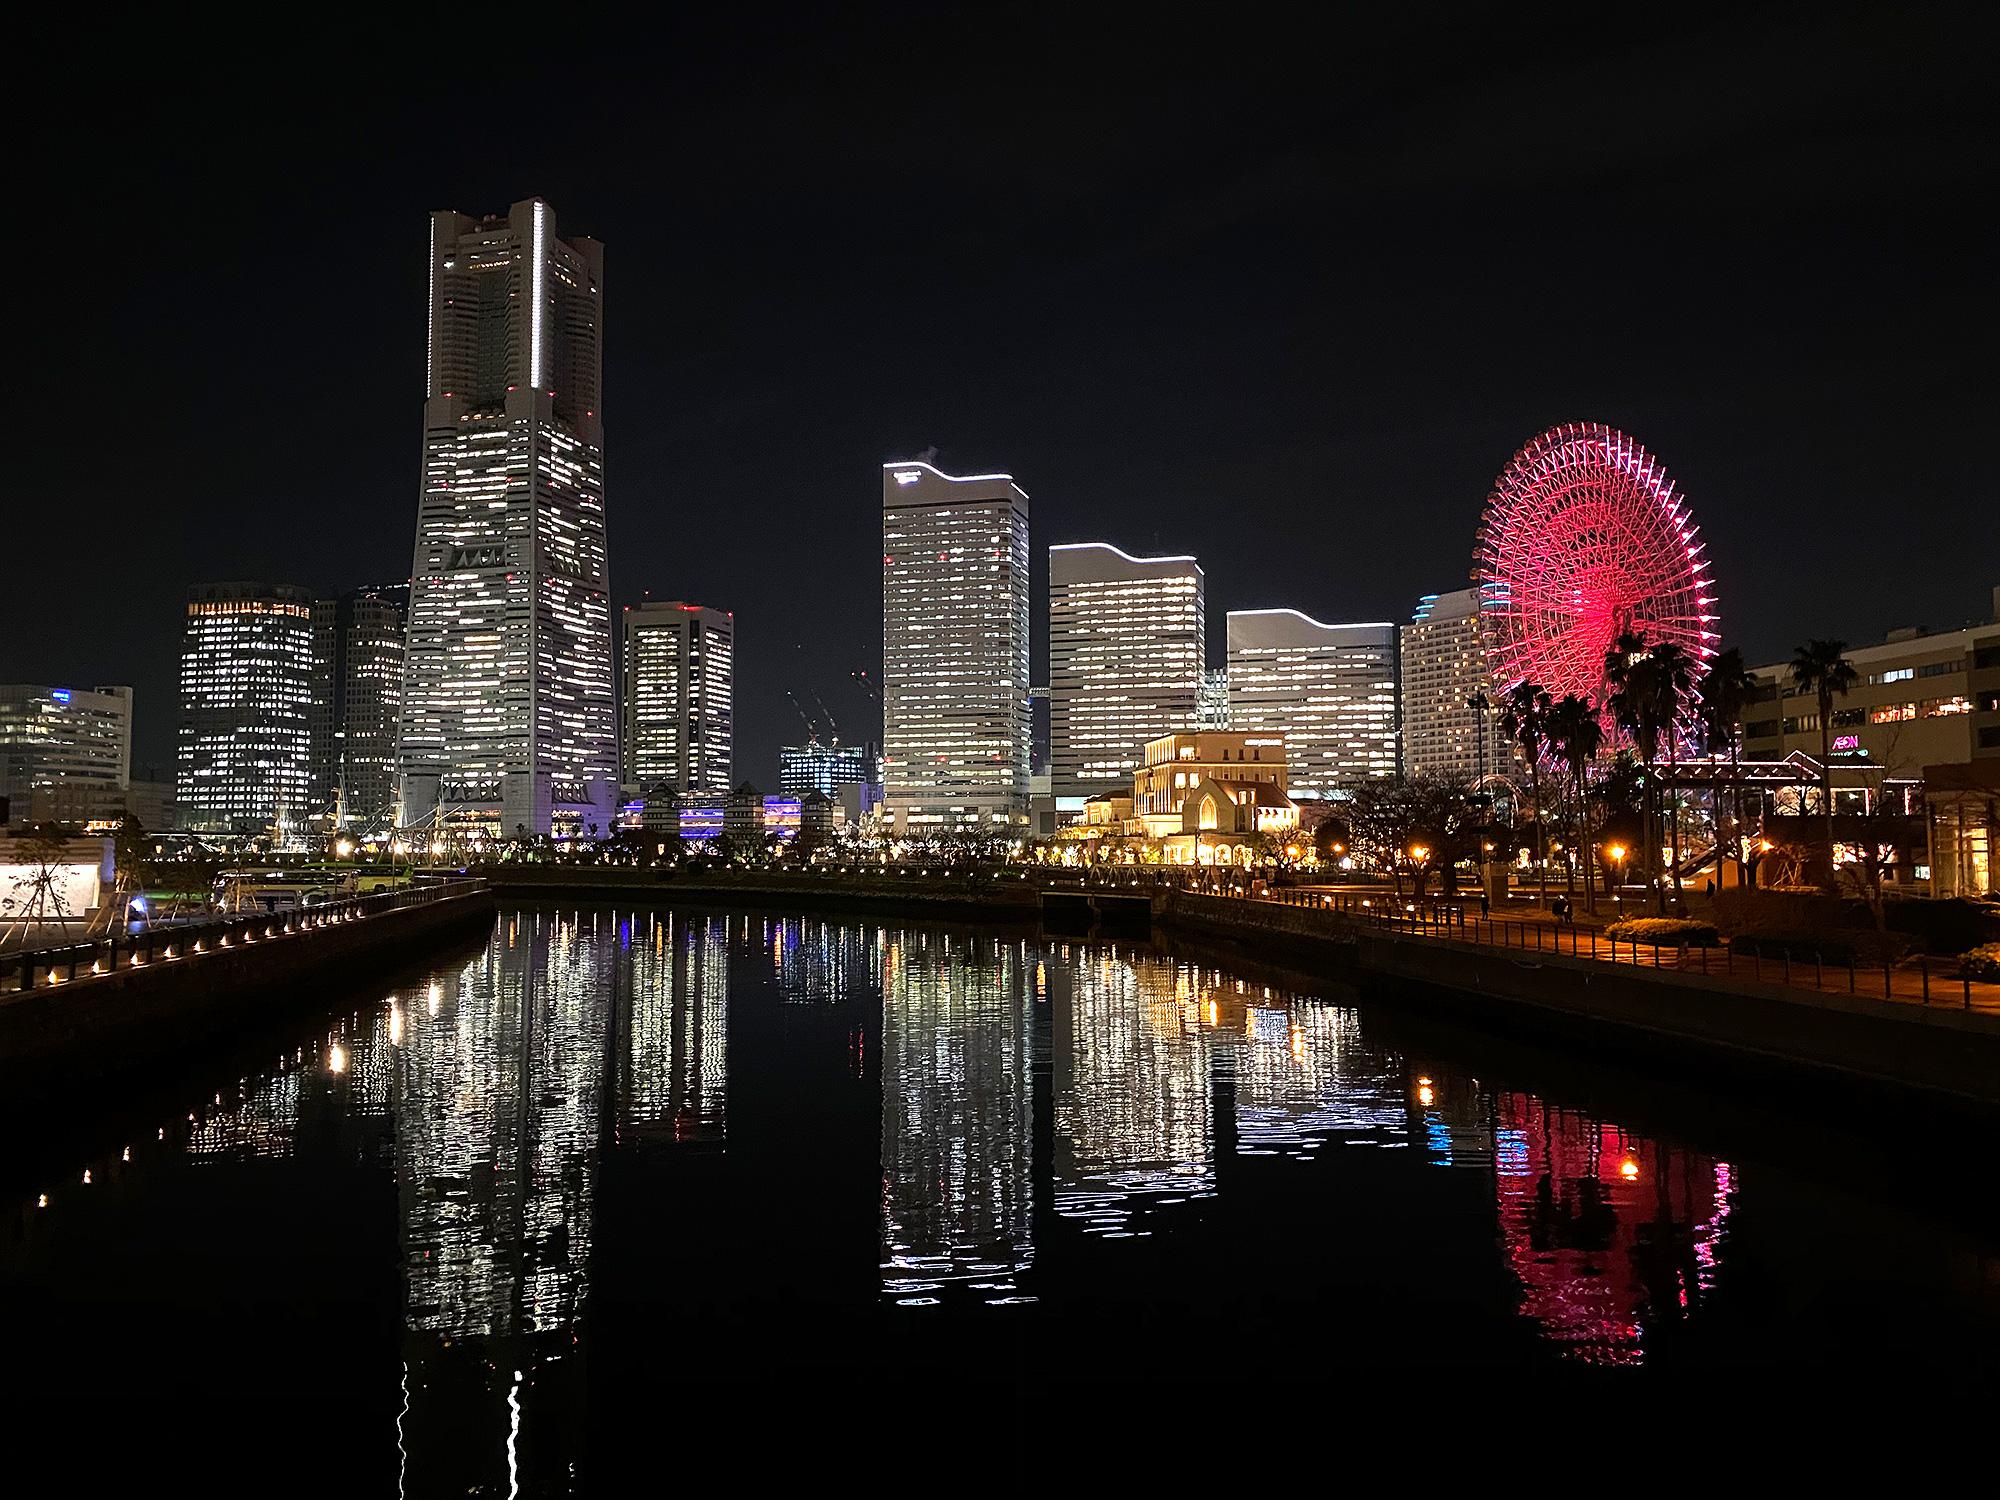 万国橋から見たみなとみらいの夜景